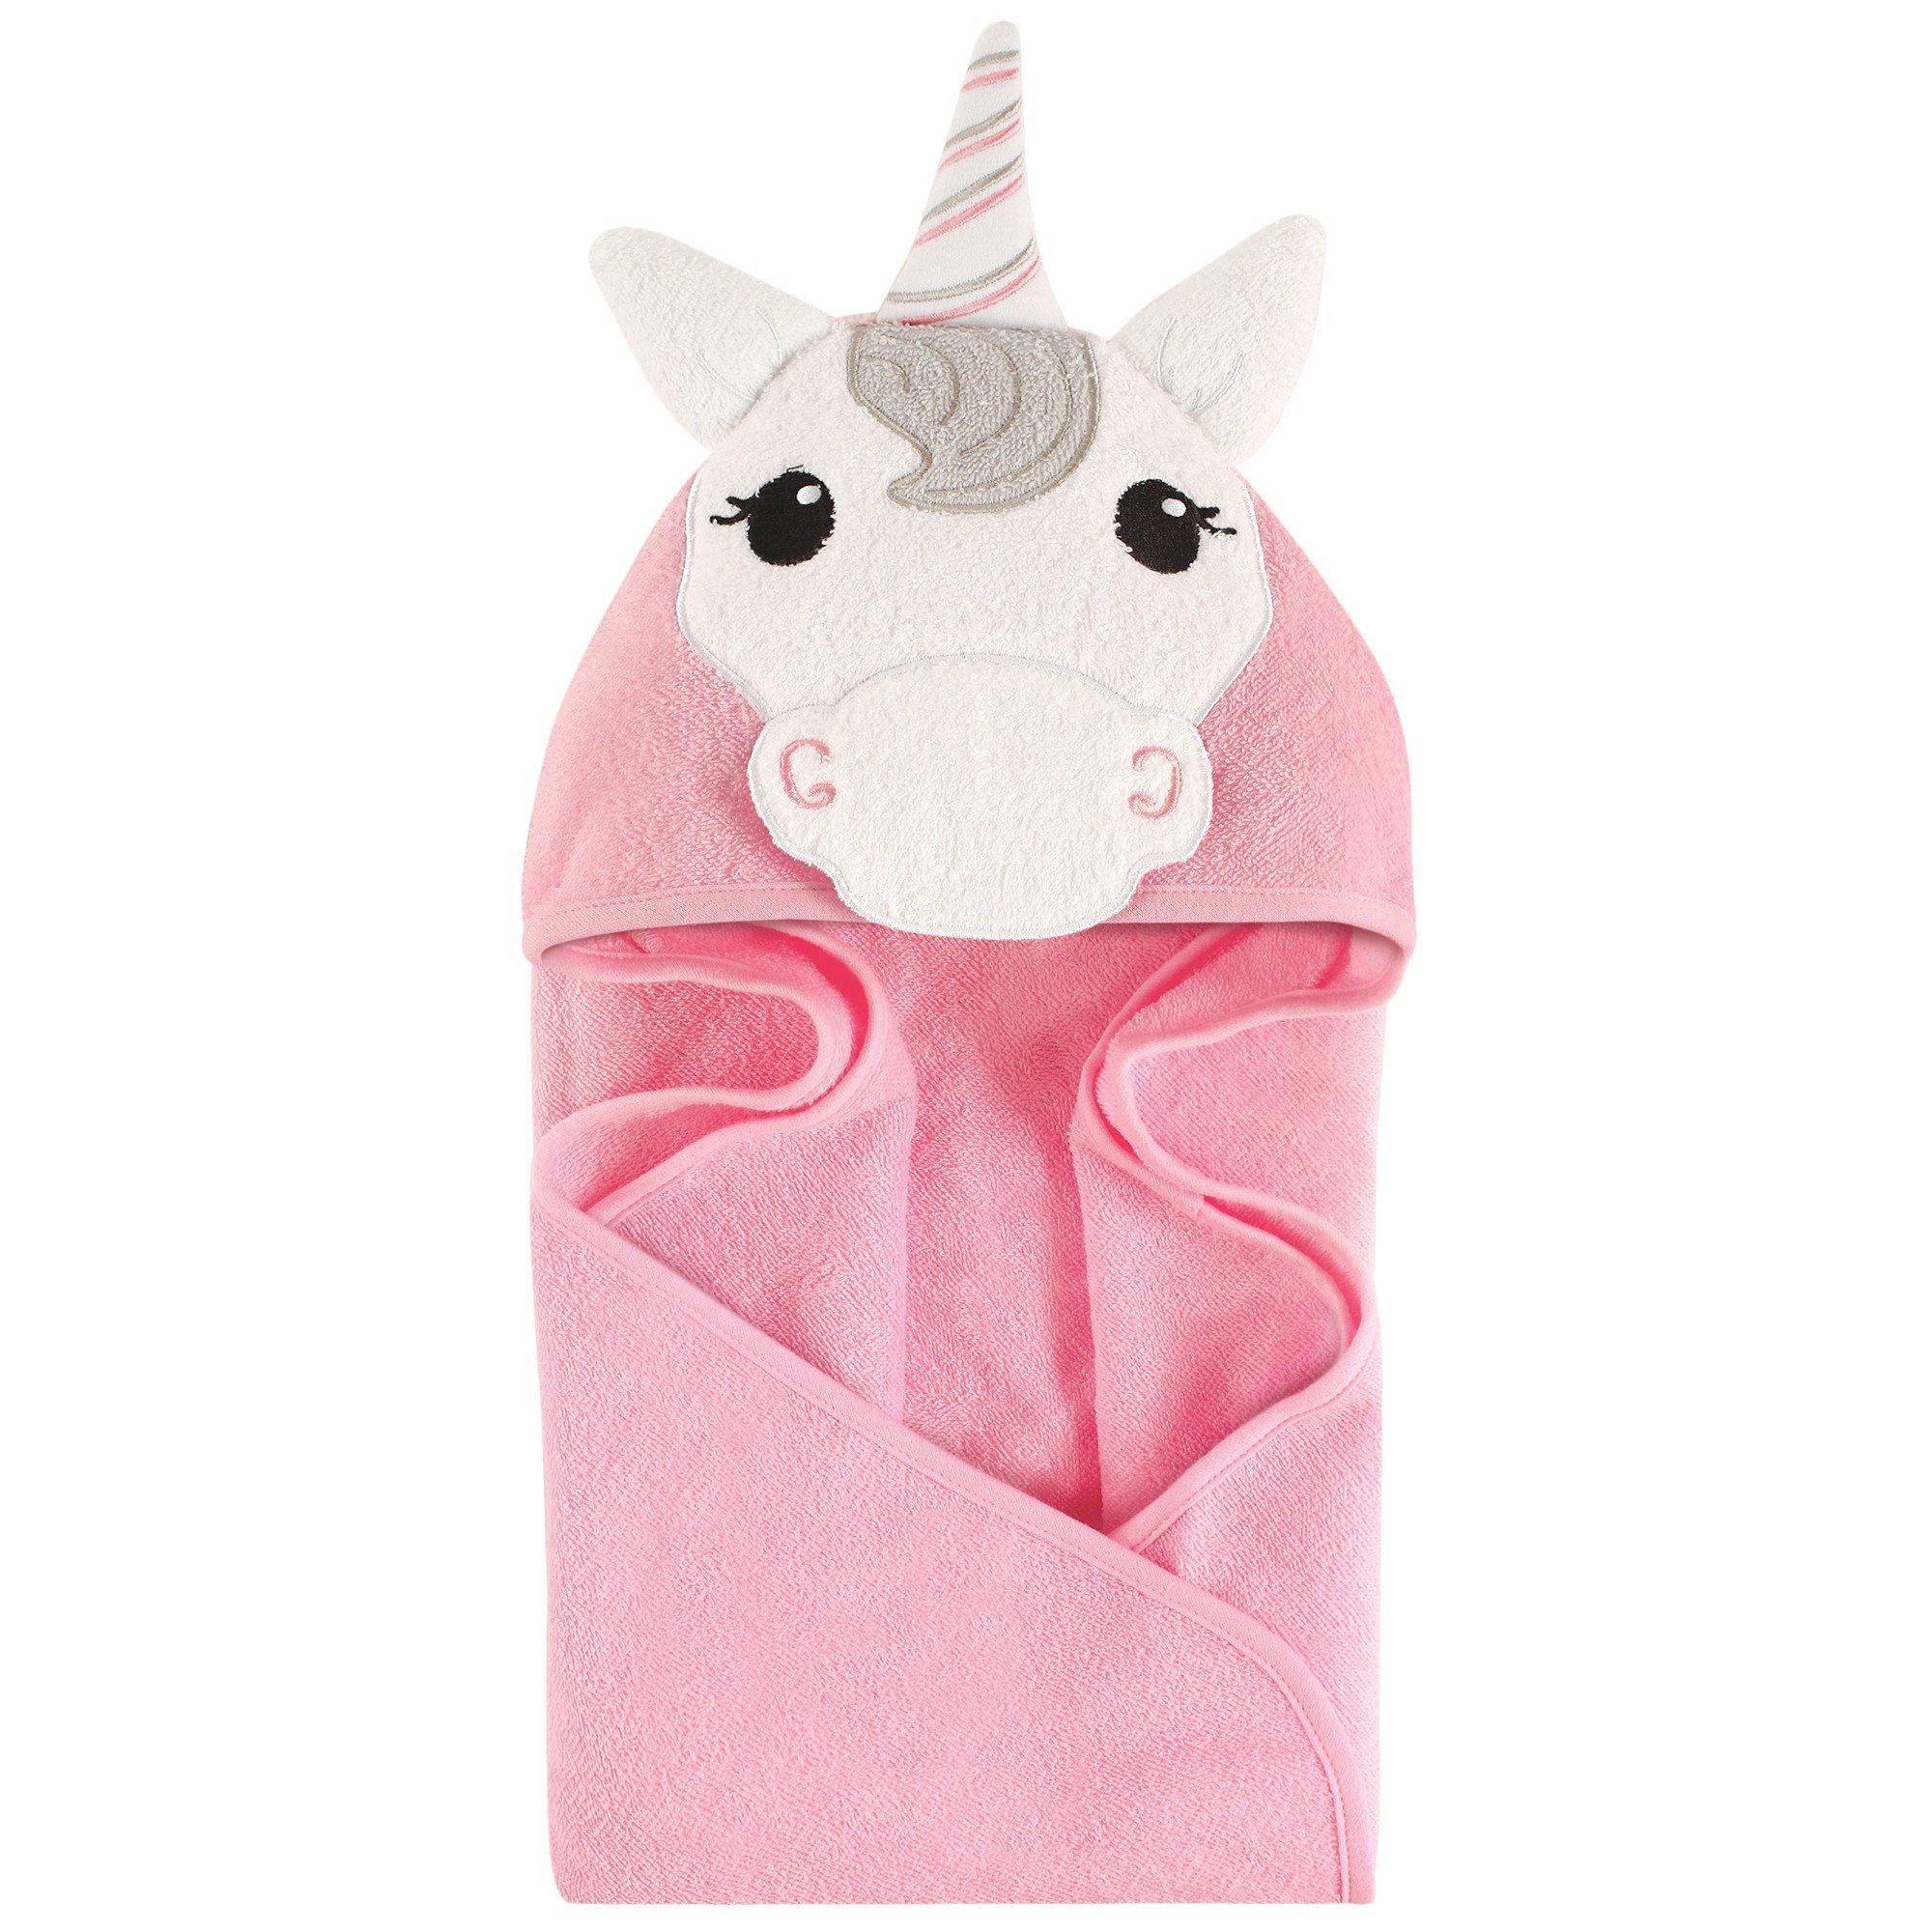 Hudson Baby Unisex Baby Cotton Animal Face Hooded Towel, Unicorn, One Size